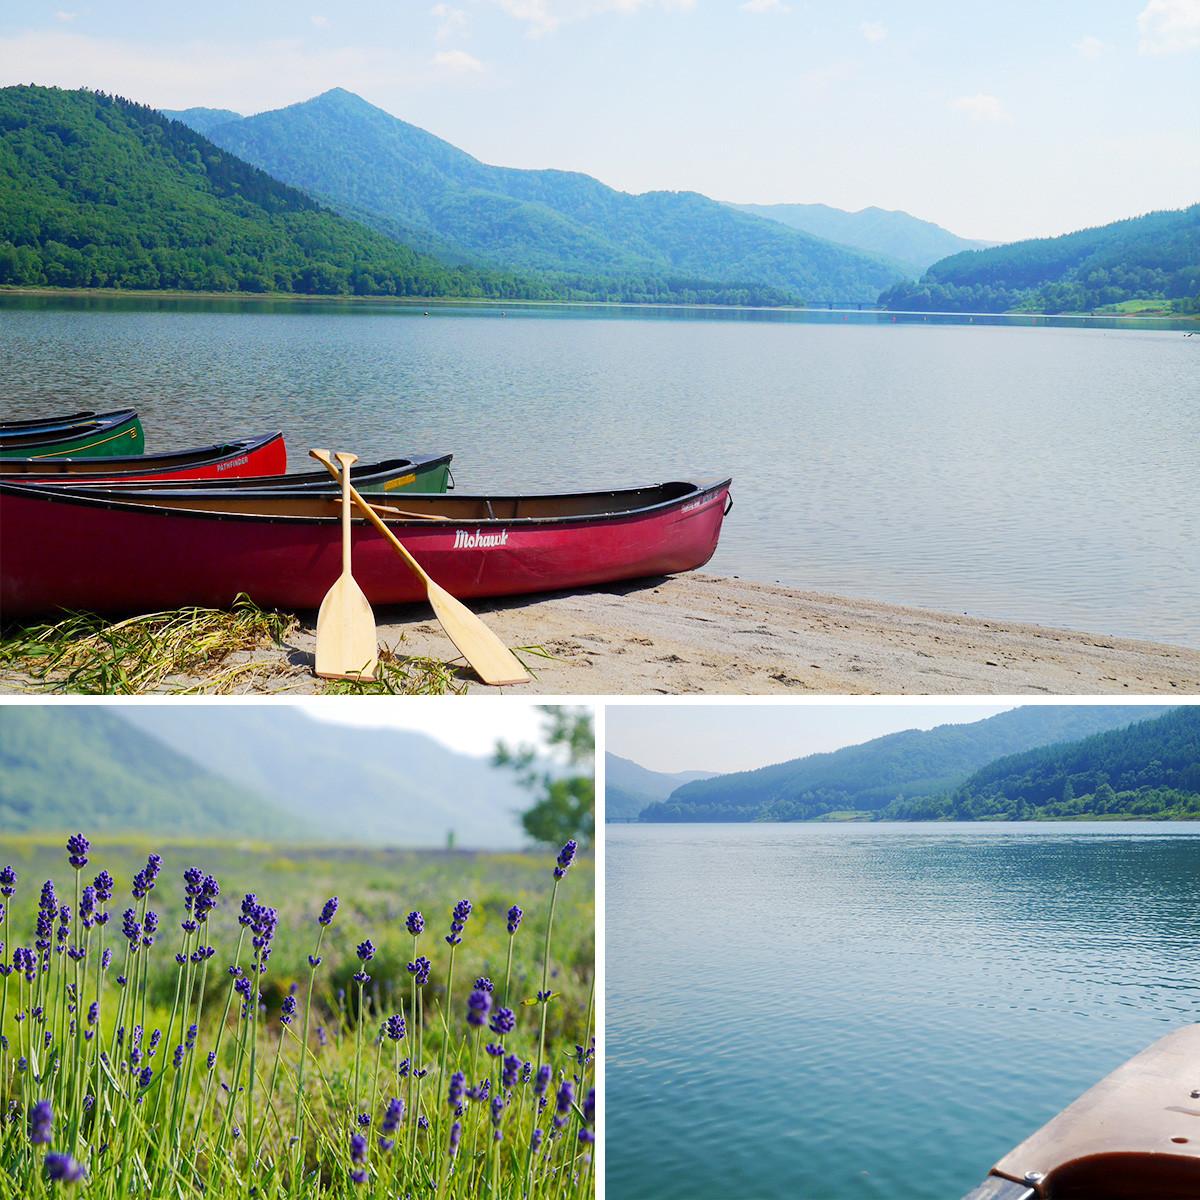 北海道旅行 おすすめは雲海が見える「星野リゾート リゾナーレトマム」の夏旅、充実プラン!_1_2